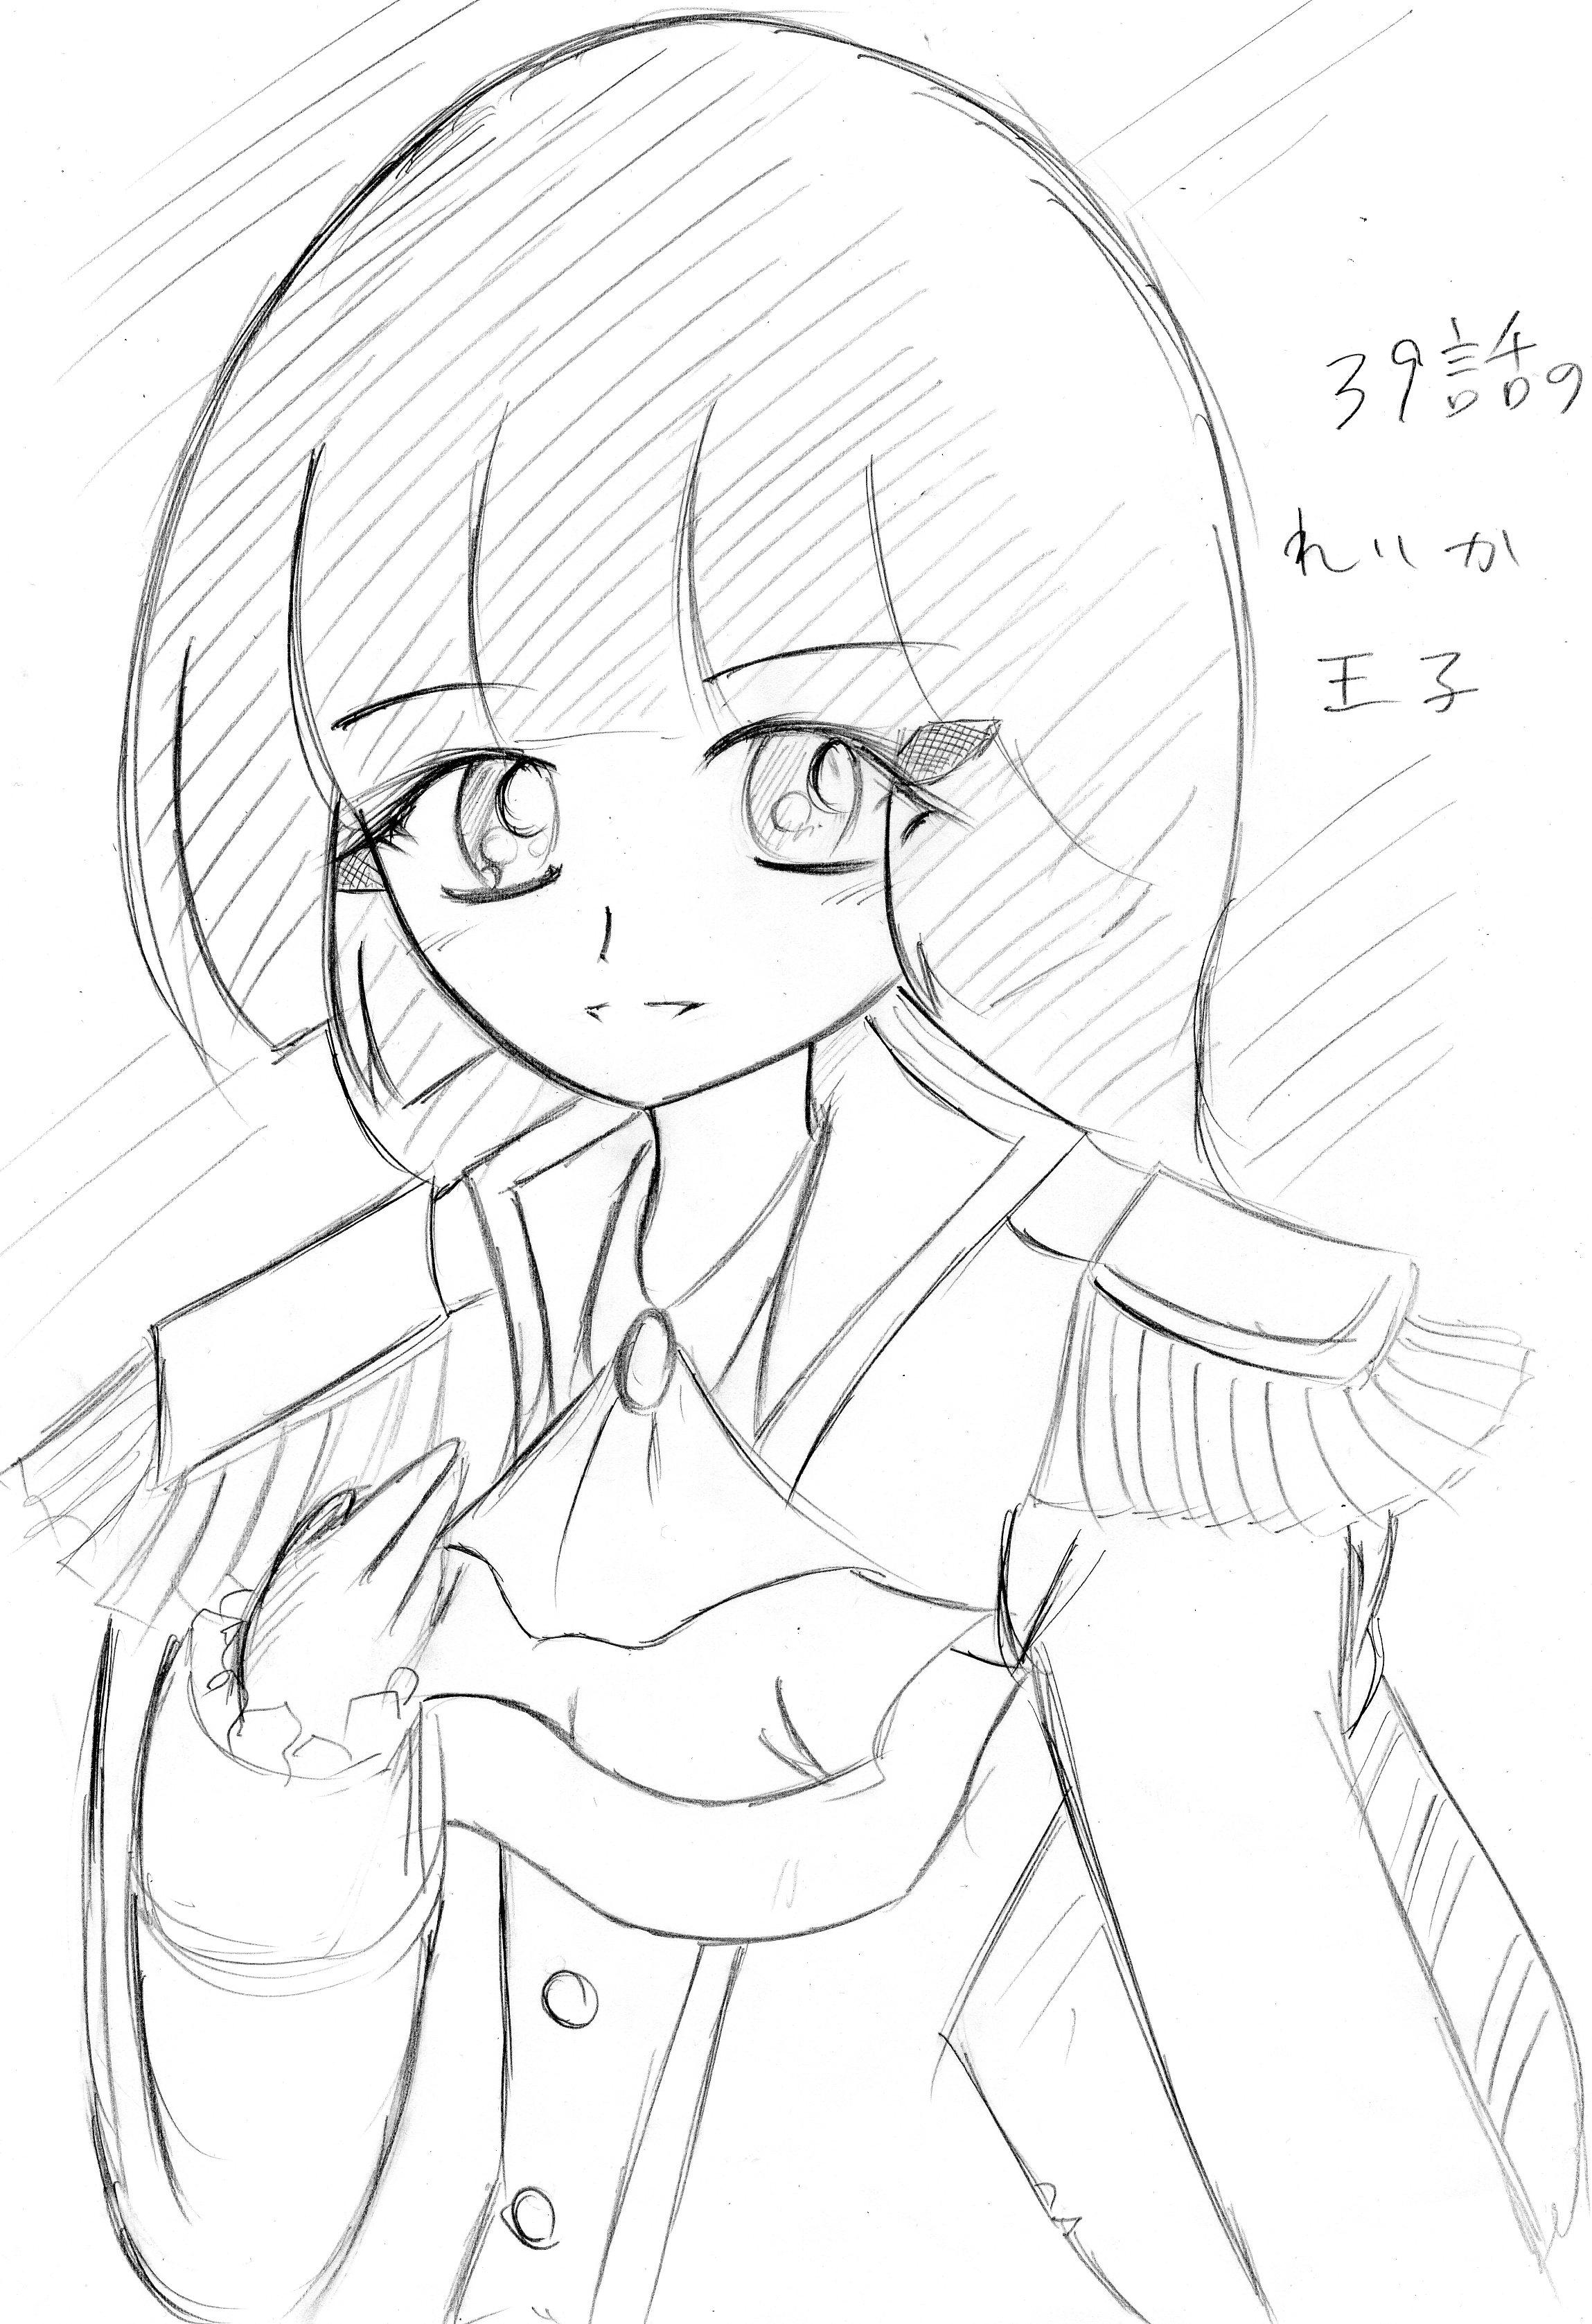 柊にゃんにゃん (@LOVEDDR_NyanCat)さんのイラスト